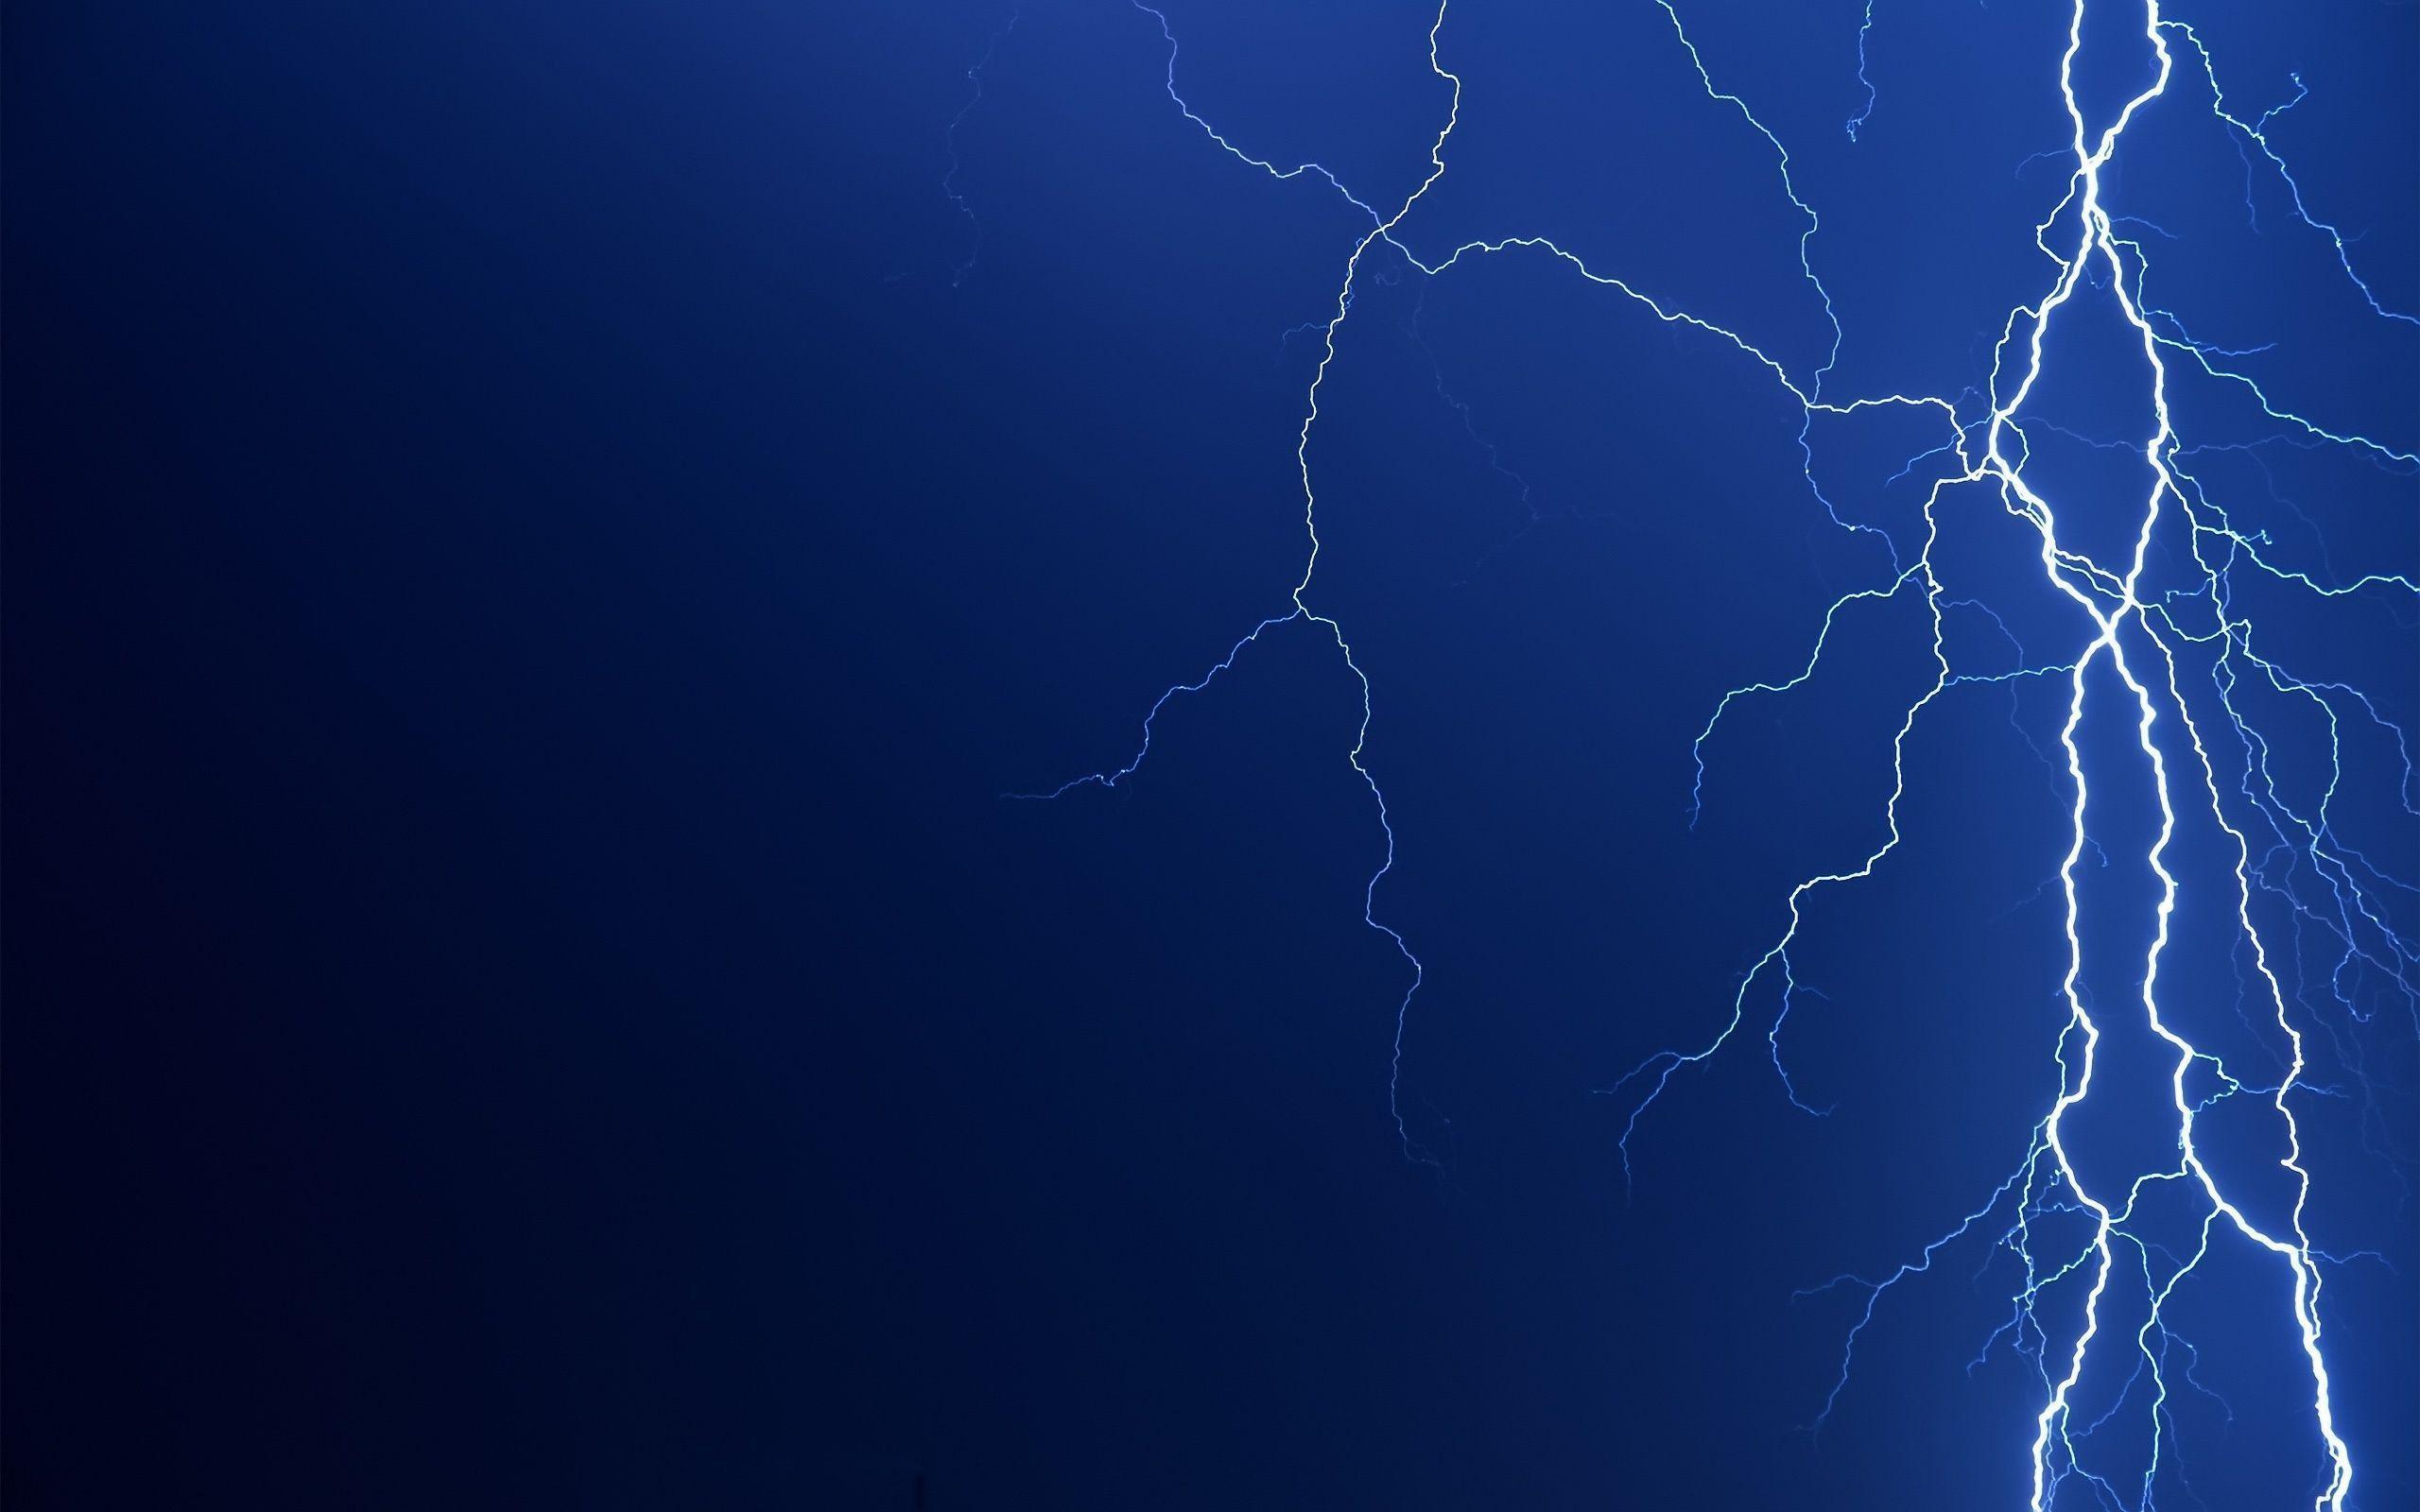 Lightning Bolts Backgrounds